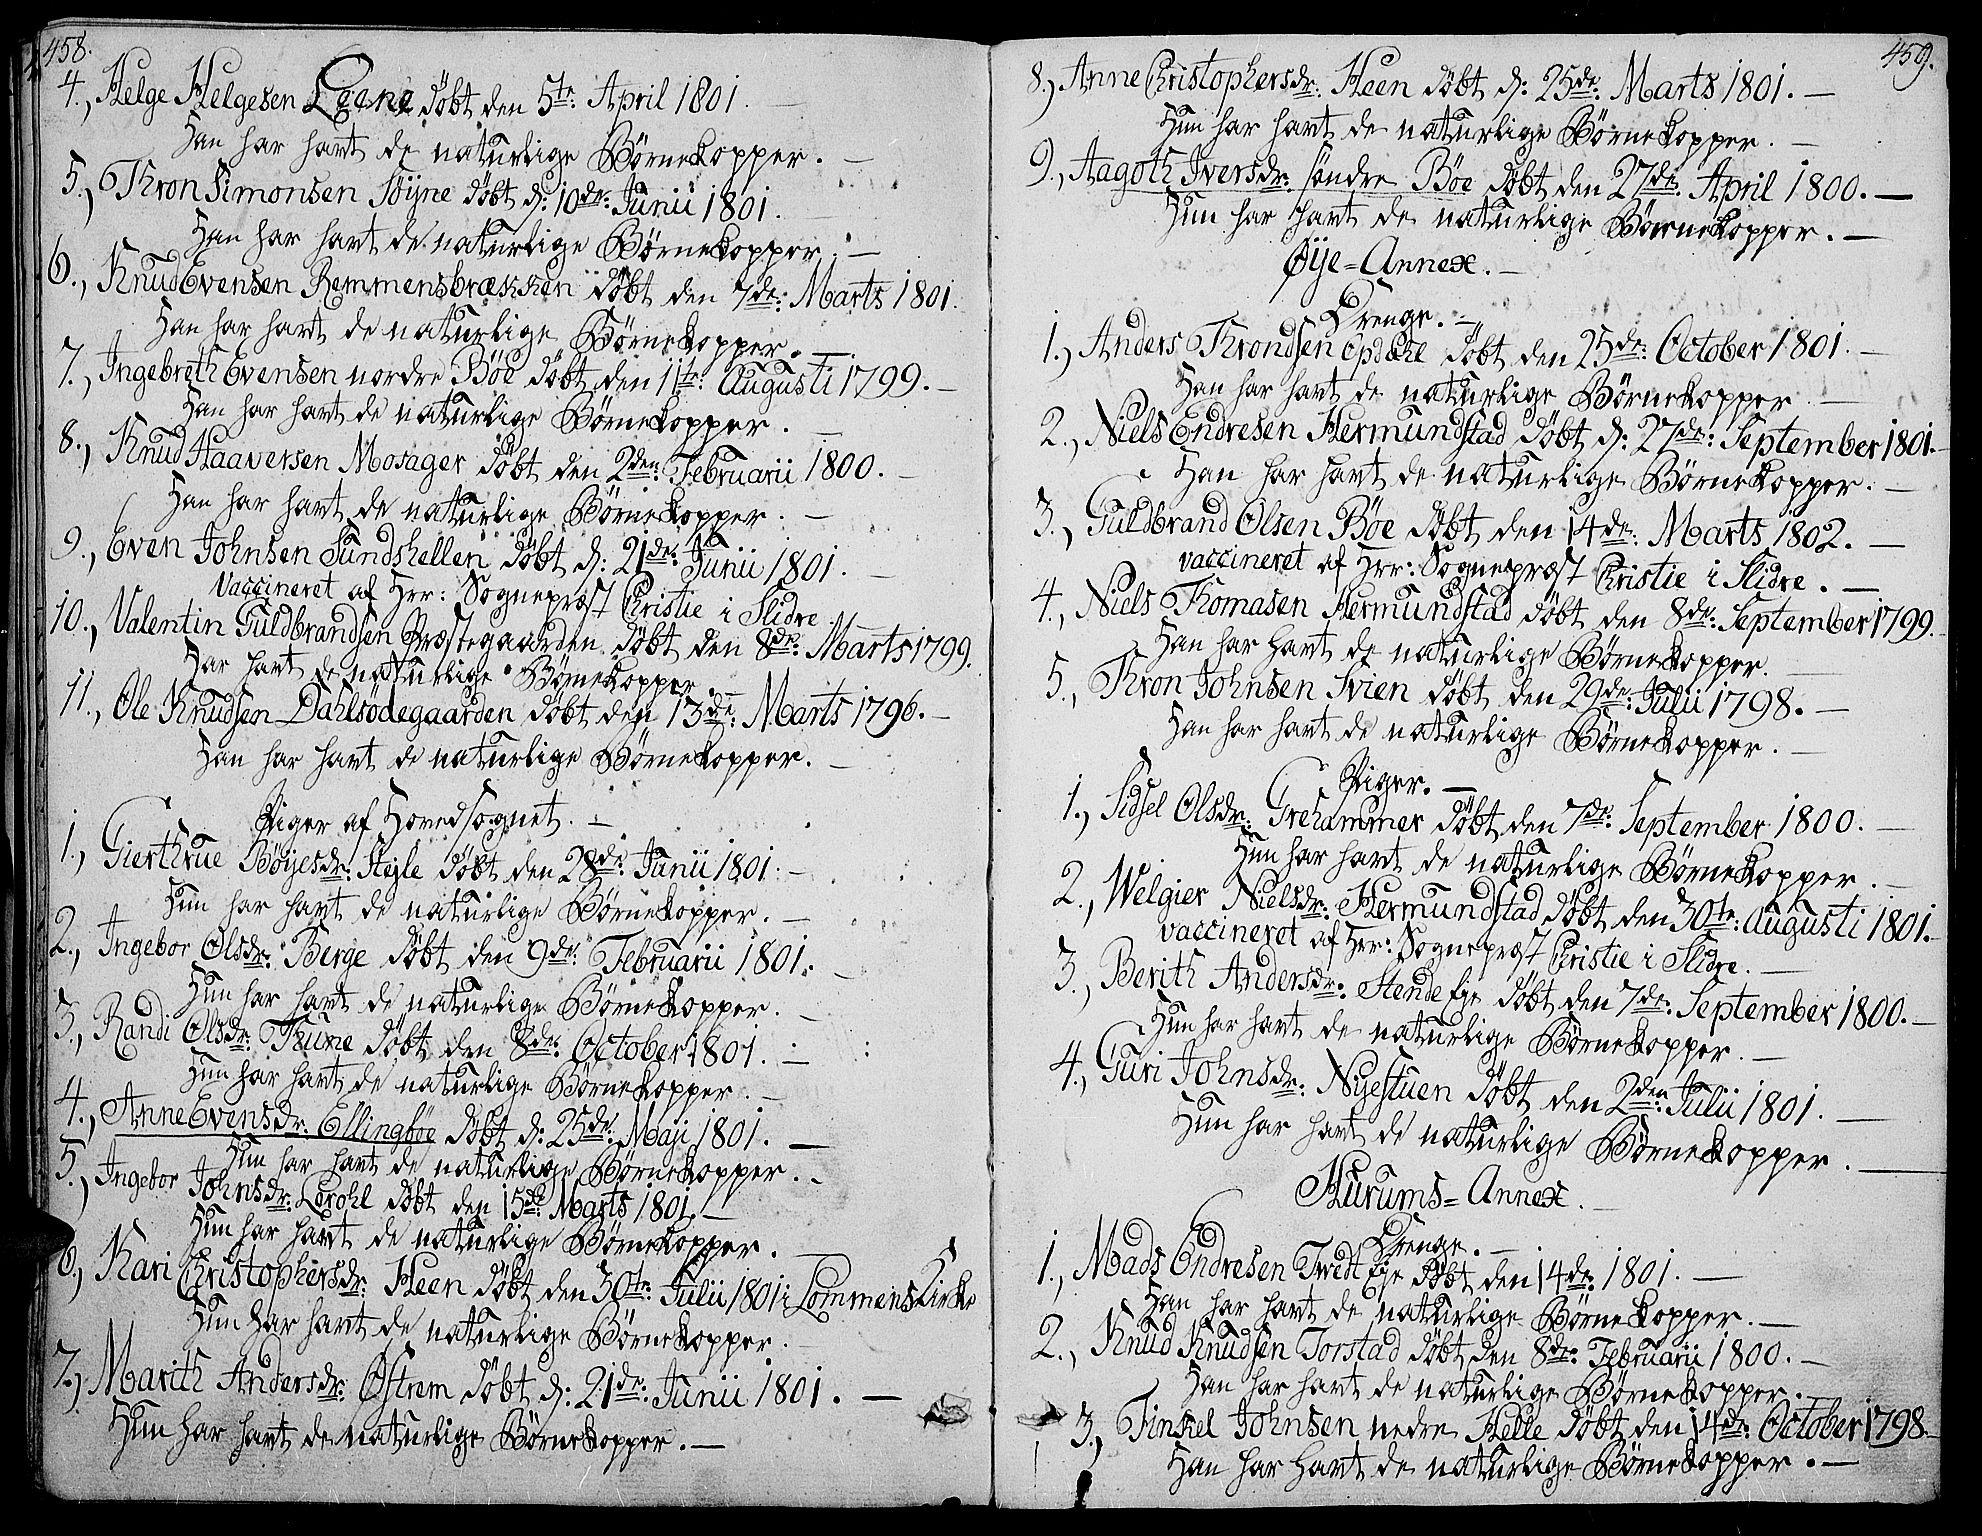 SAH, Vang prestekontor, Valdres, Ministerialbok nr. 3, 1809-1831, s. 458-459